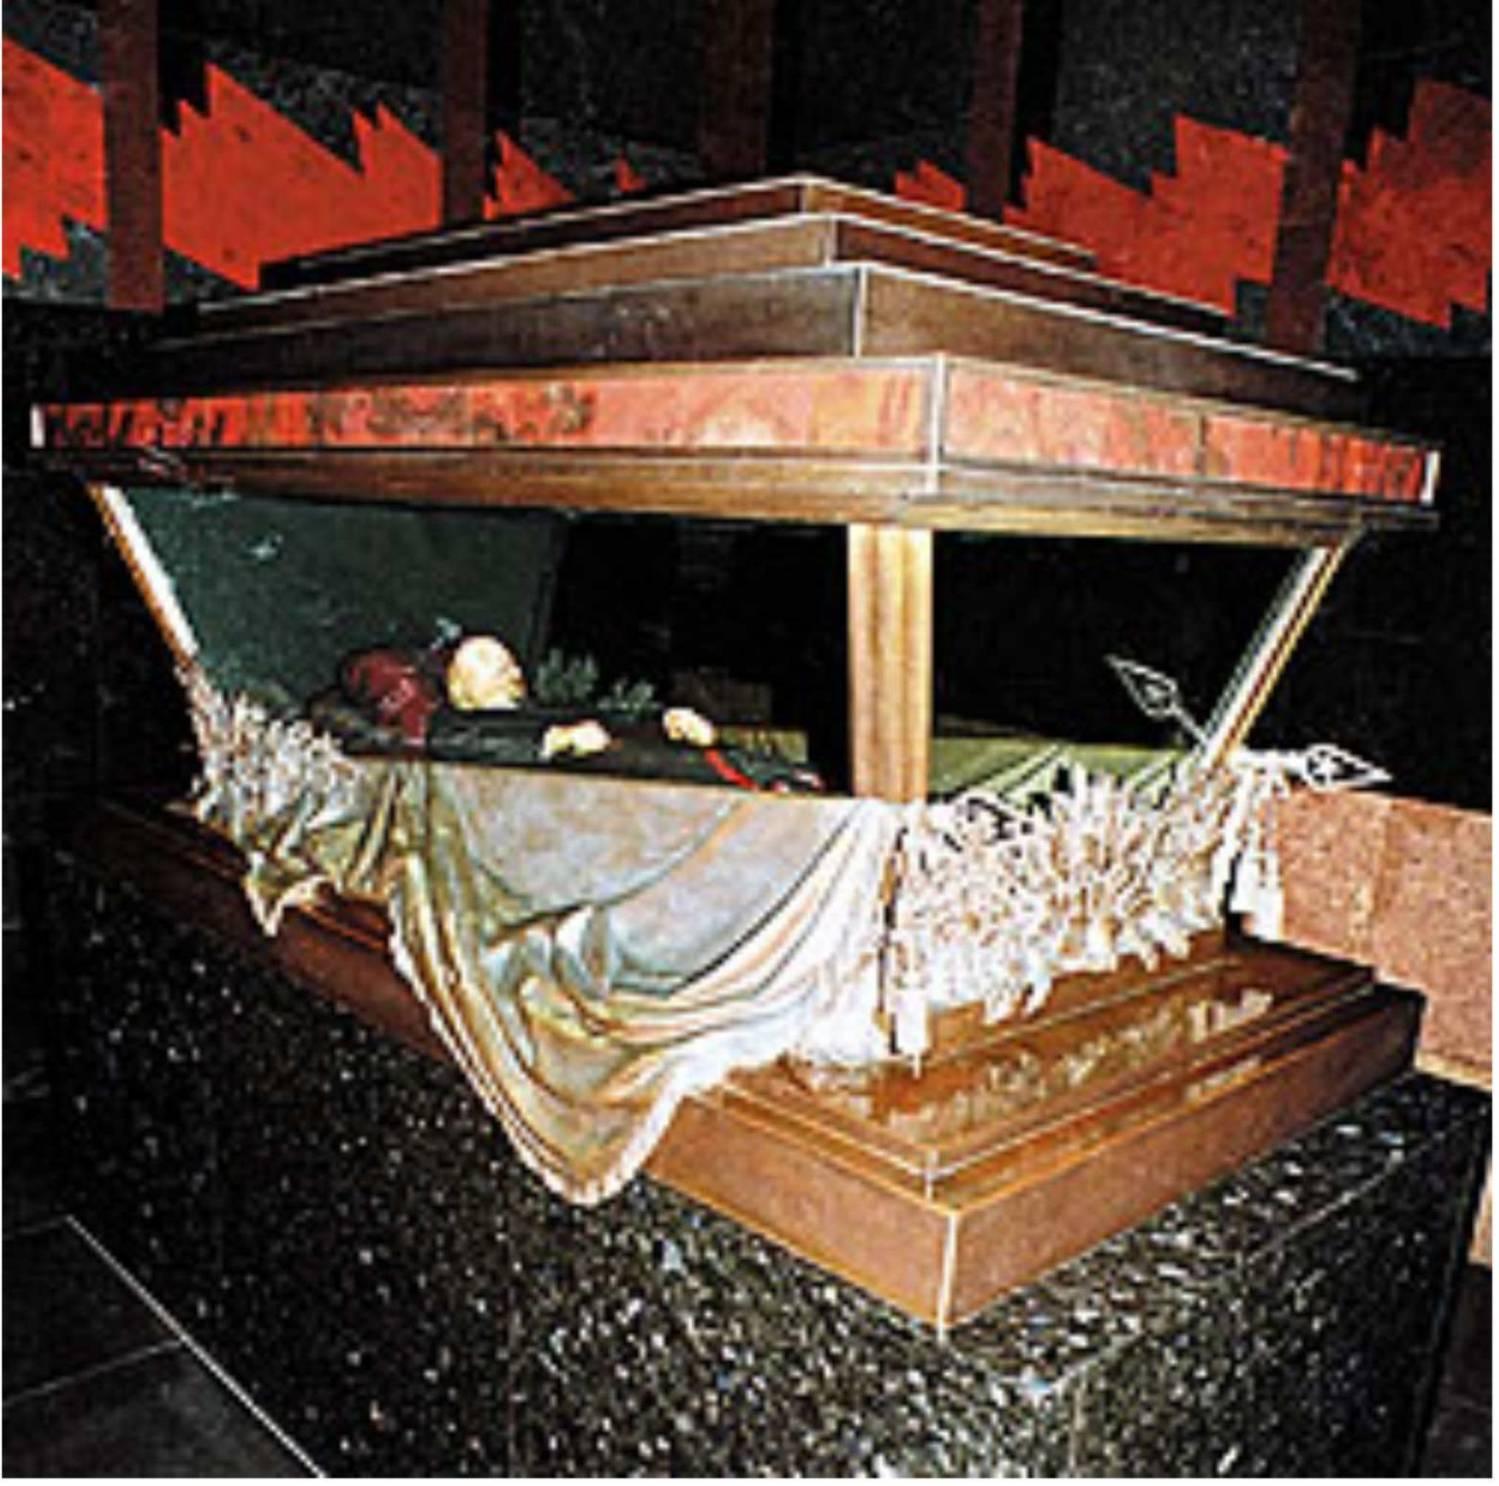 Российские ученые разработали экспериментальные методы бальзамирования, чтобы сохранить тело основателя советского